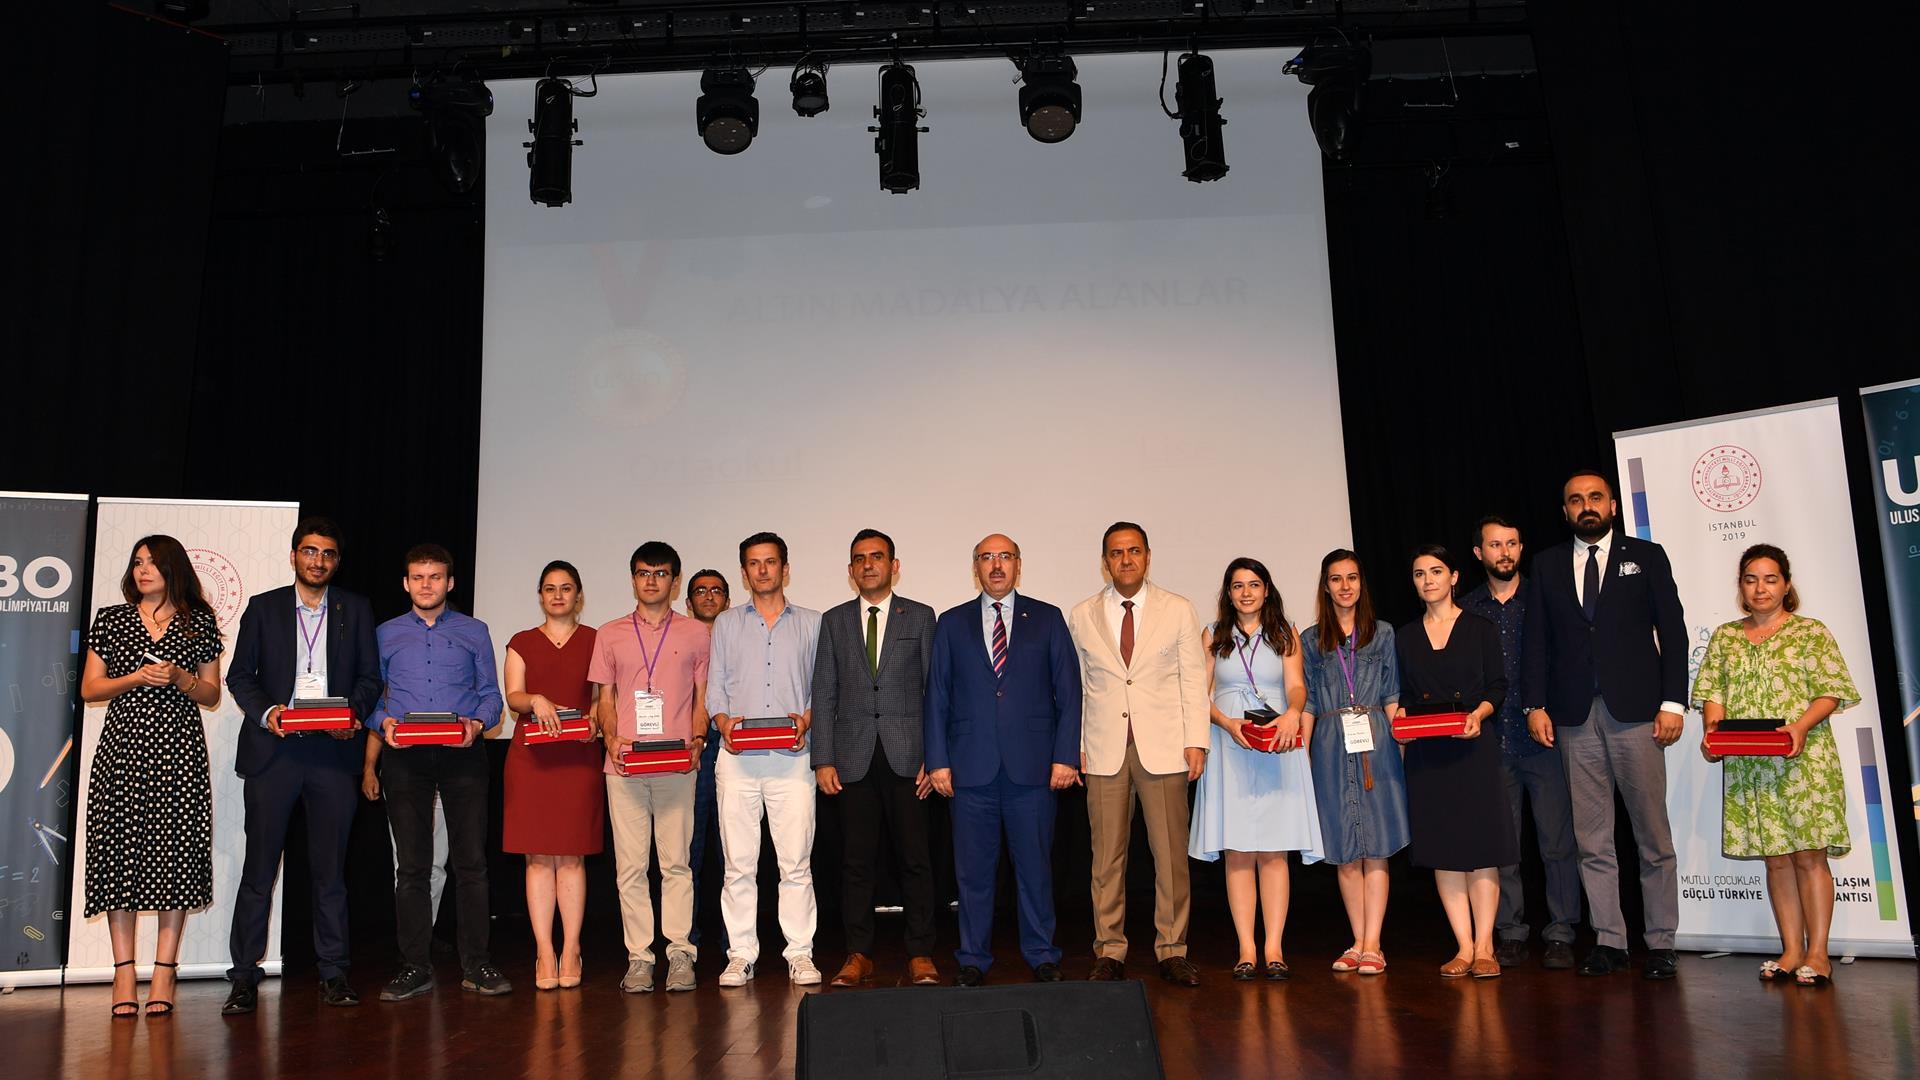 2019-Ulusal-İstanbul-Bilim-Olimpiyatları-Ödül-Töreni-Gerçekleştirildi